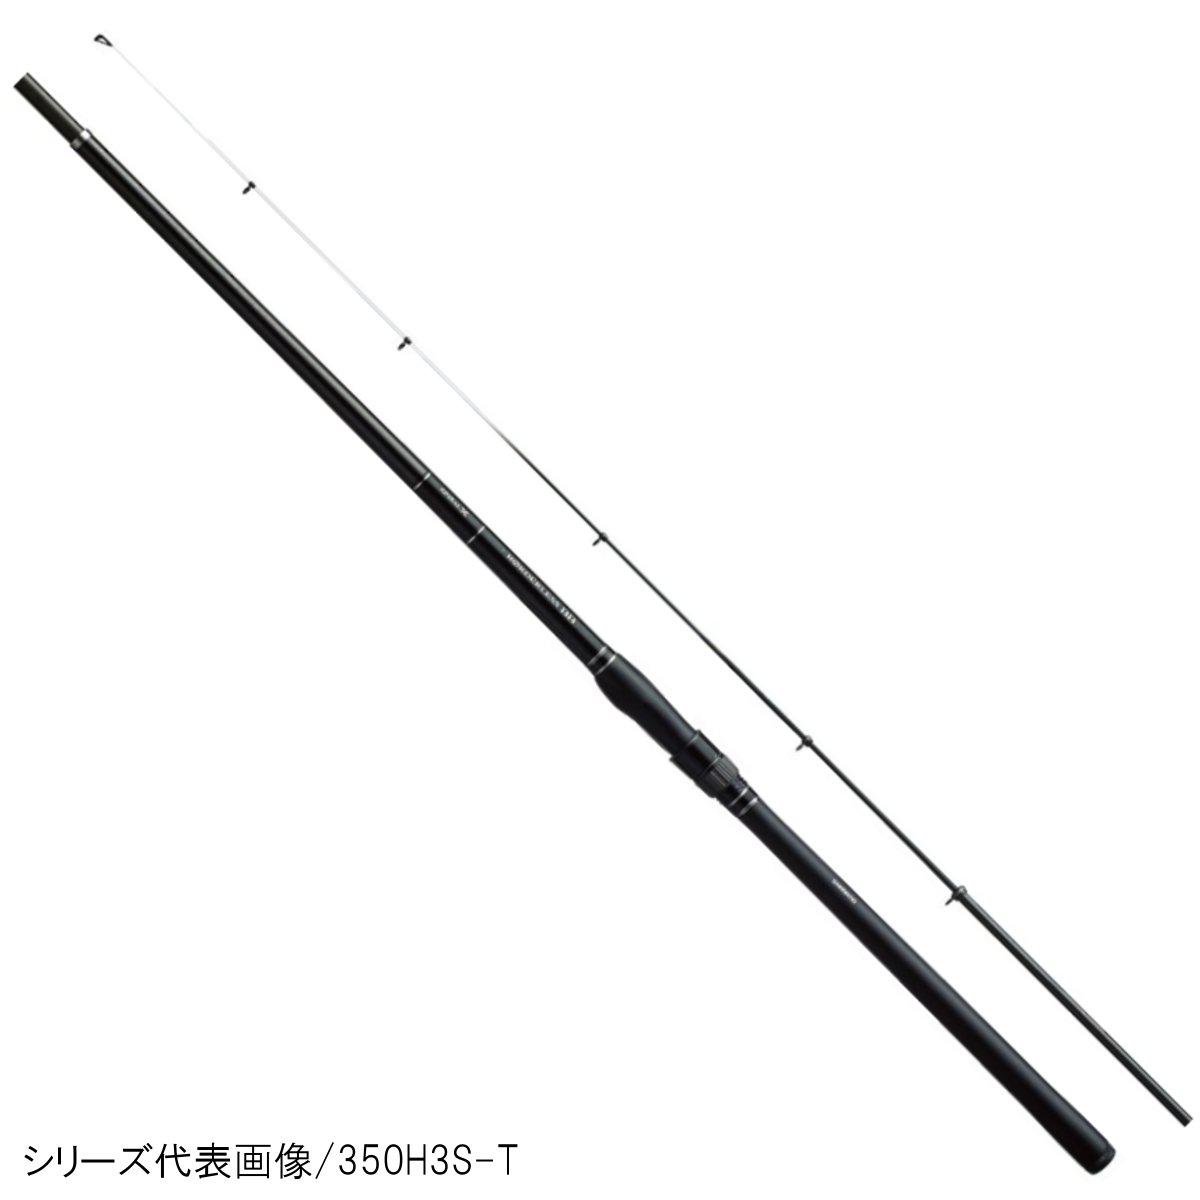 シマノ ボーダレスBB(パワー系ソリッドティップ仕様) 350H4S-T【送料無料】